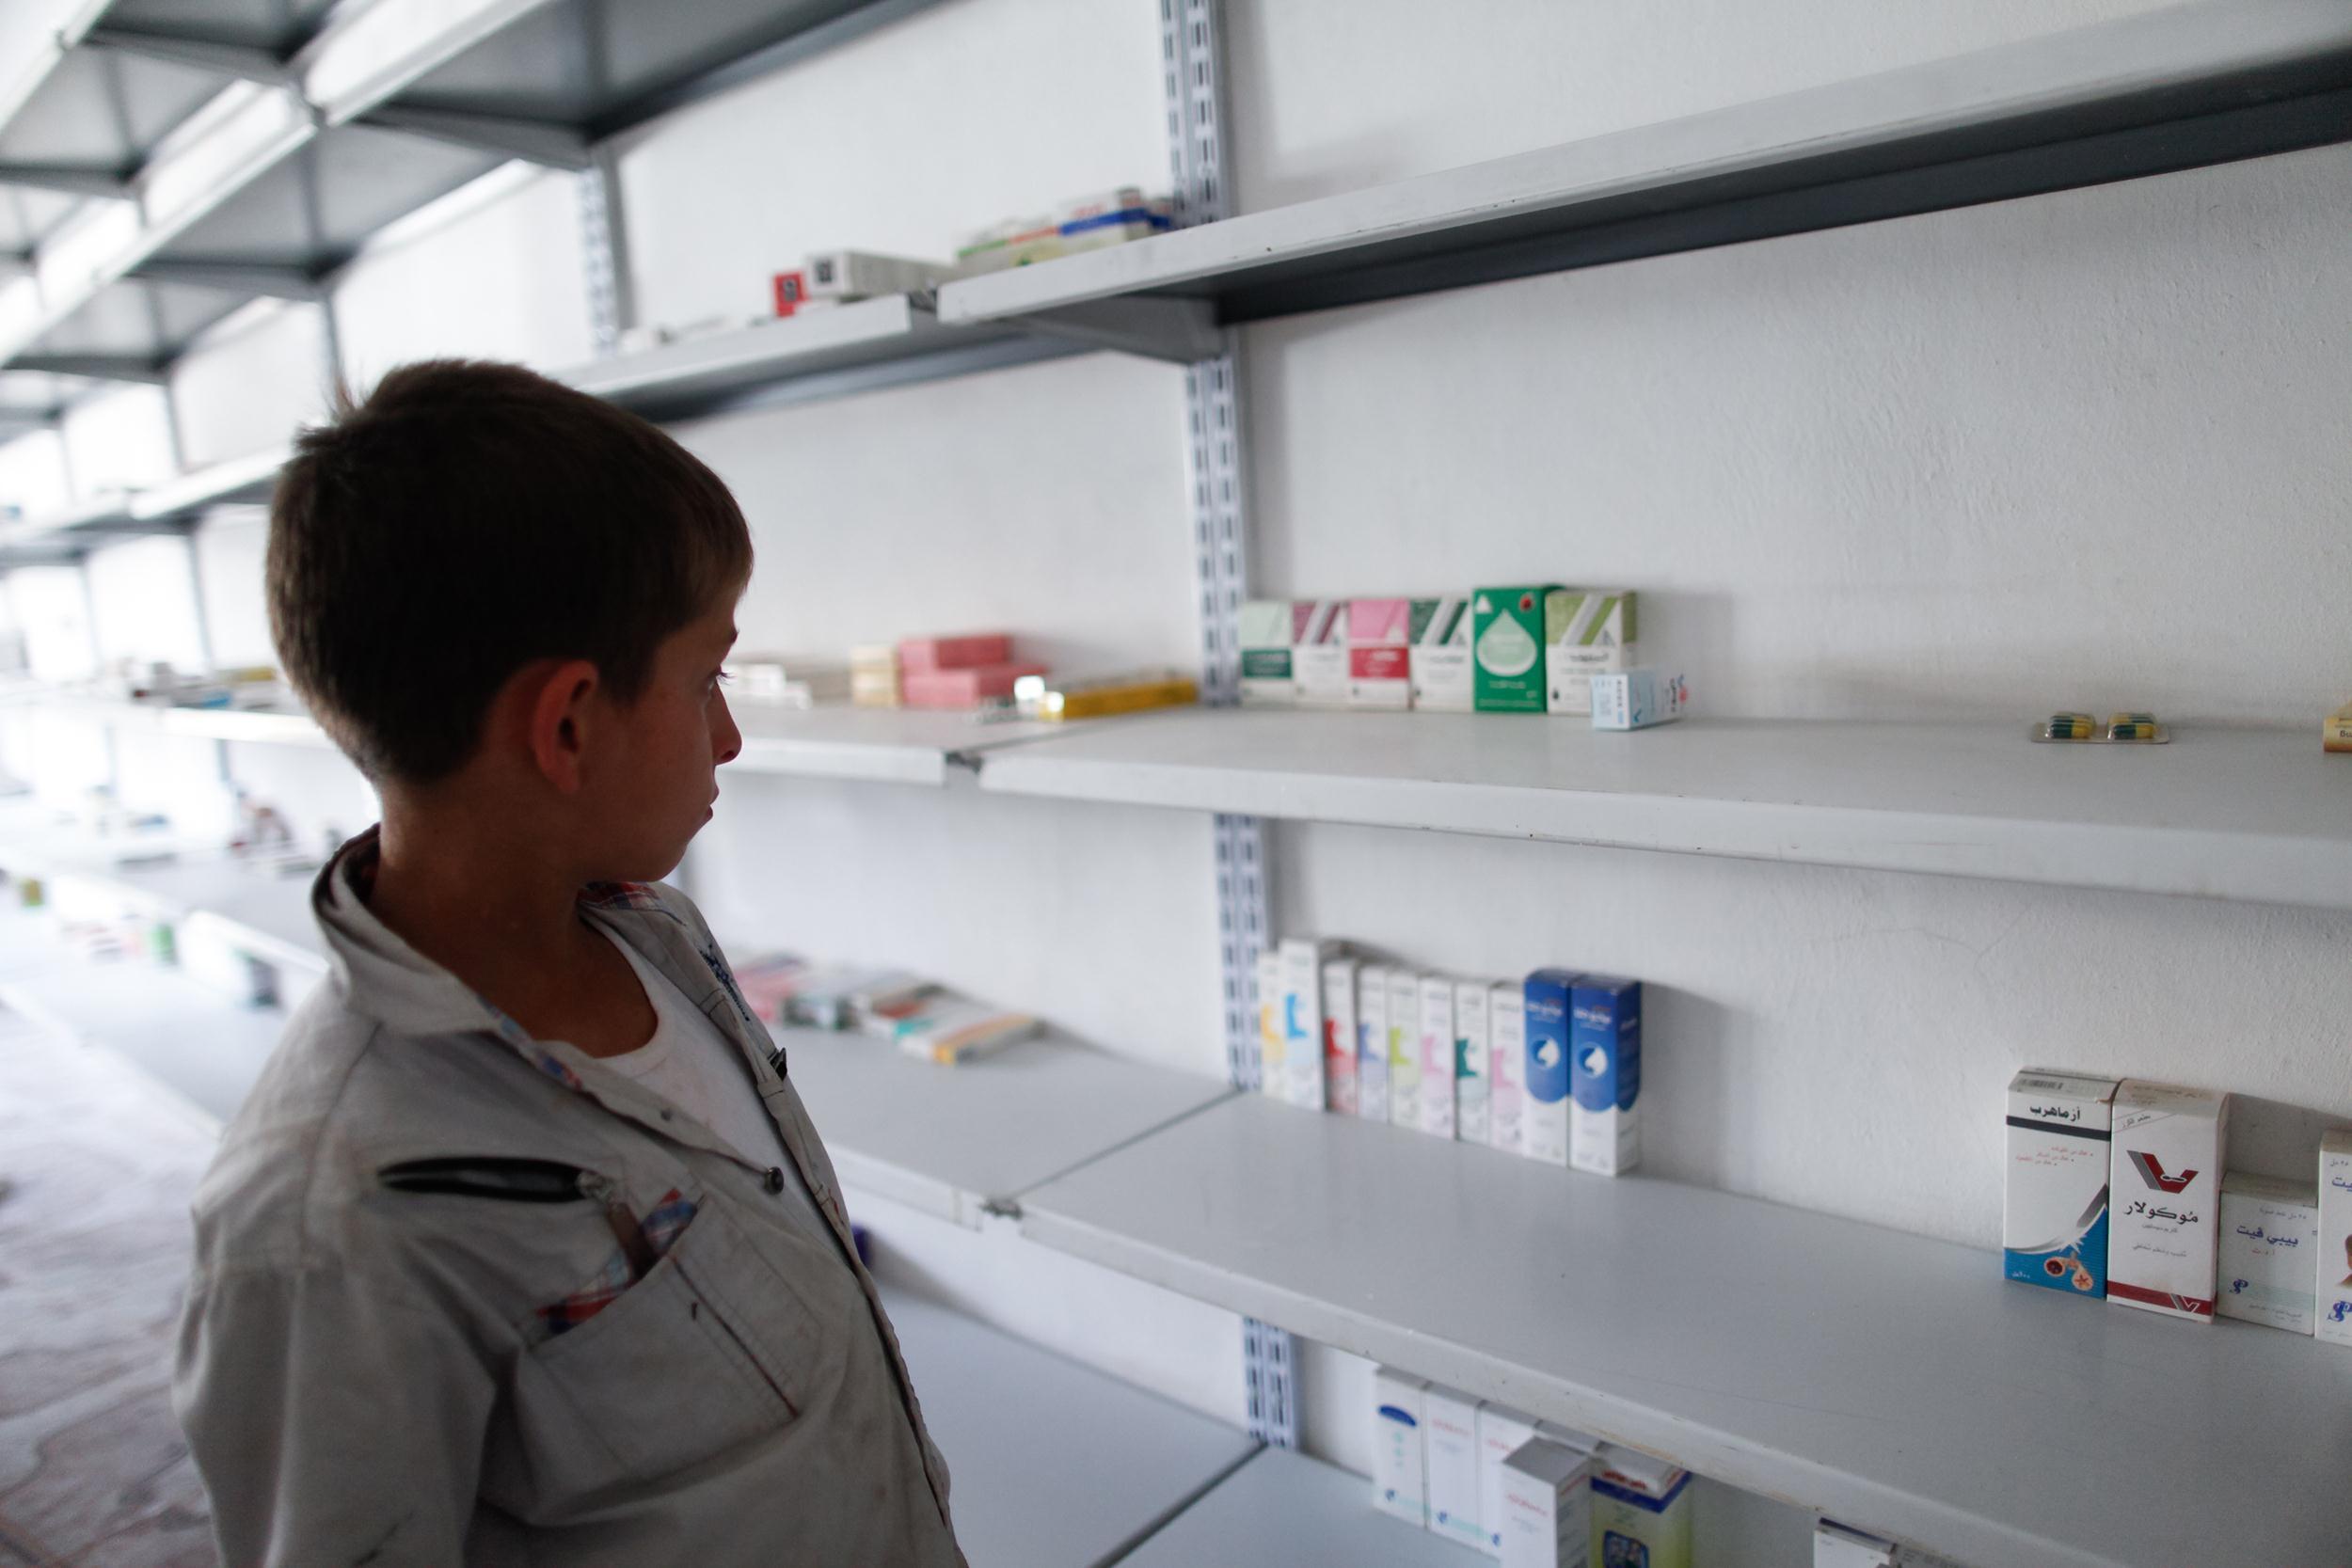 قرار جديد ينظم عمل الصيدليات في ريف حمص